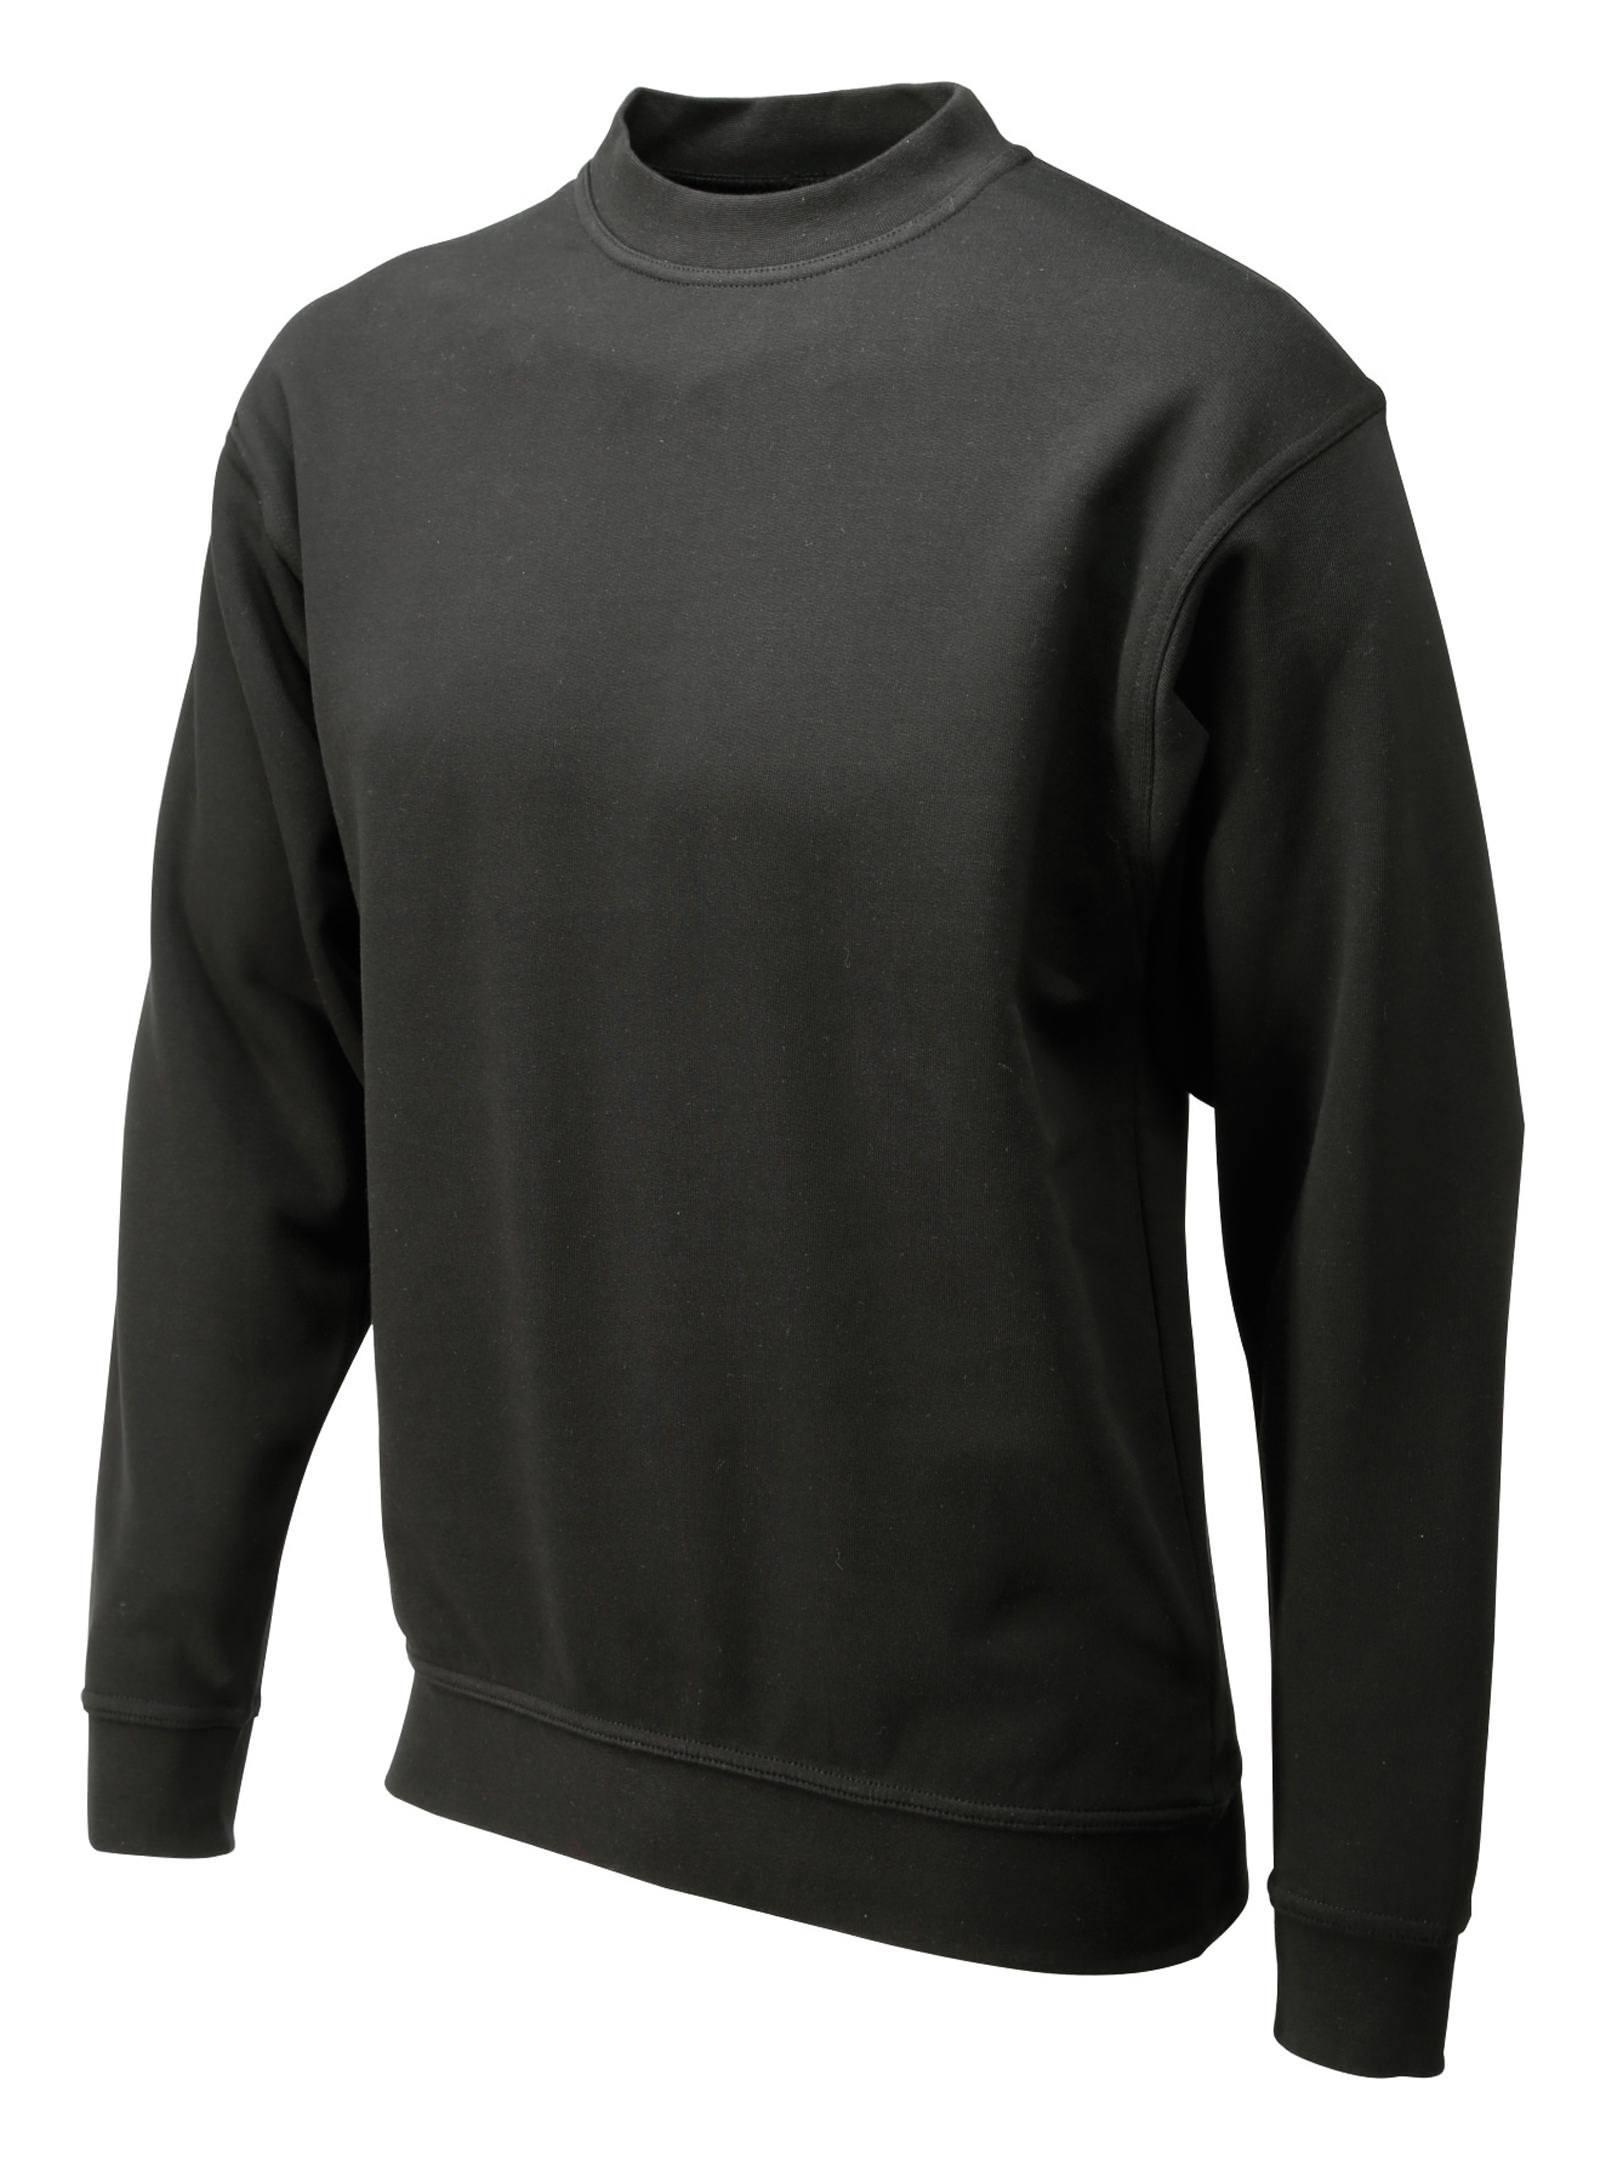 Sweatshirt Größe XXL schwarz - 2199F-9D-2XL